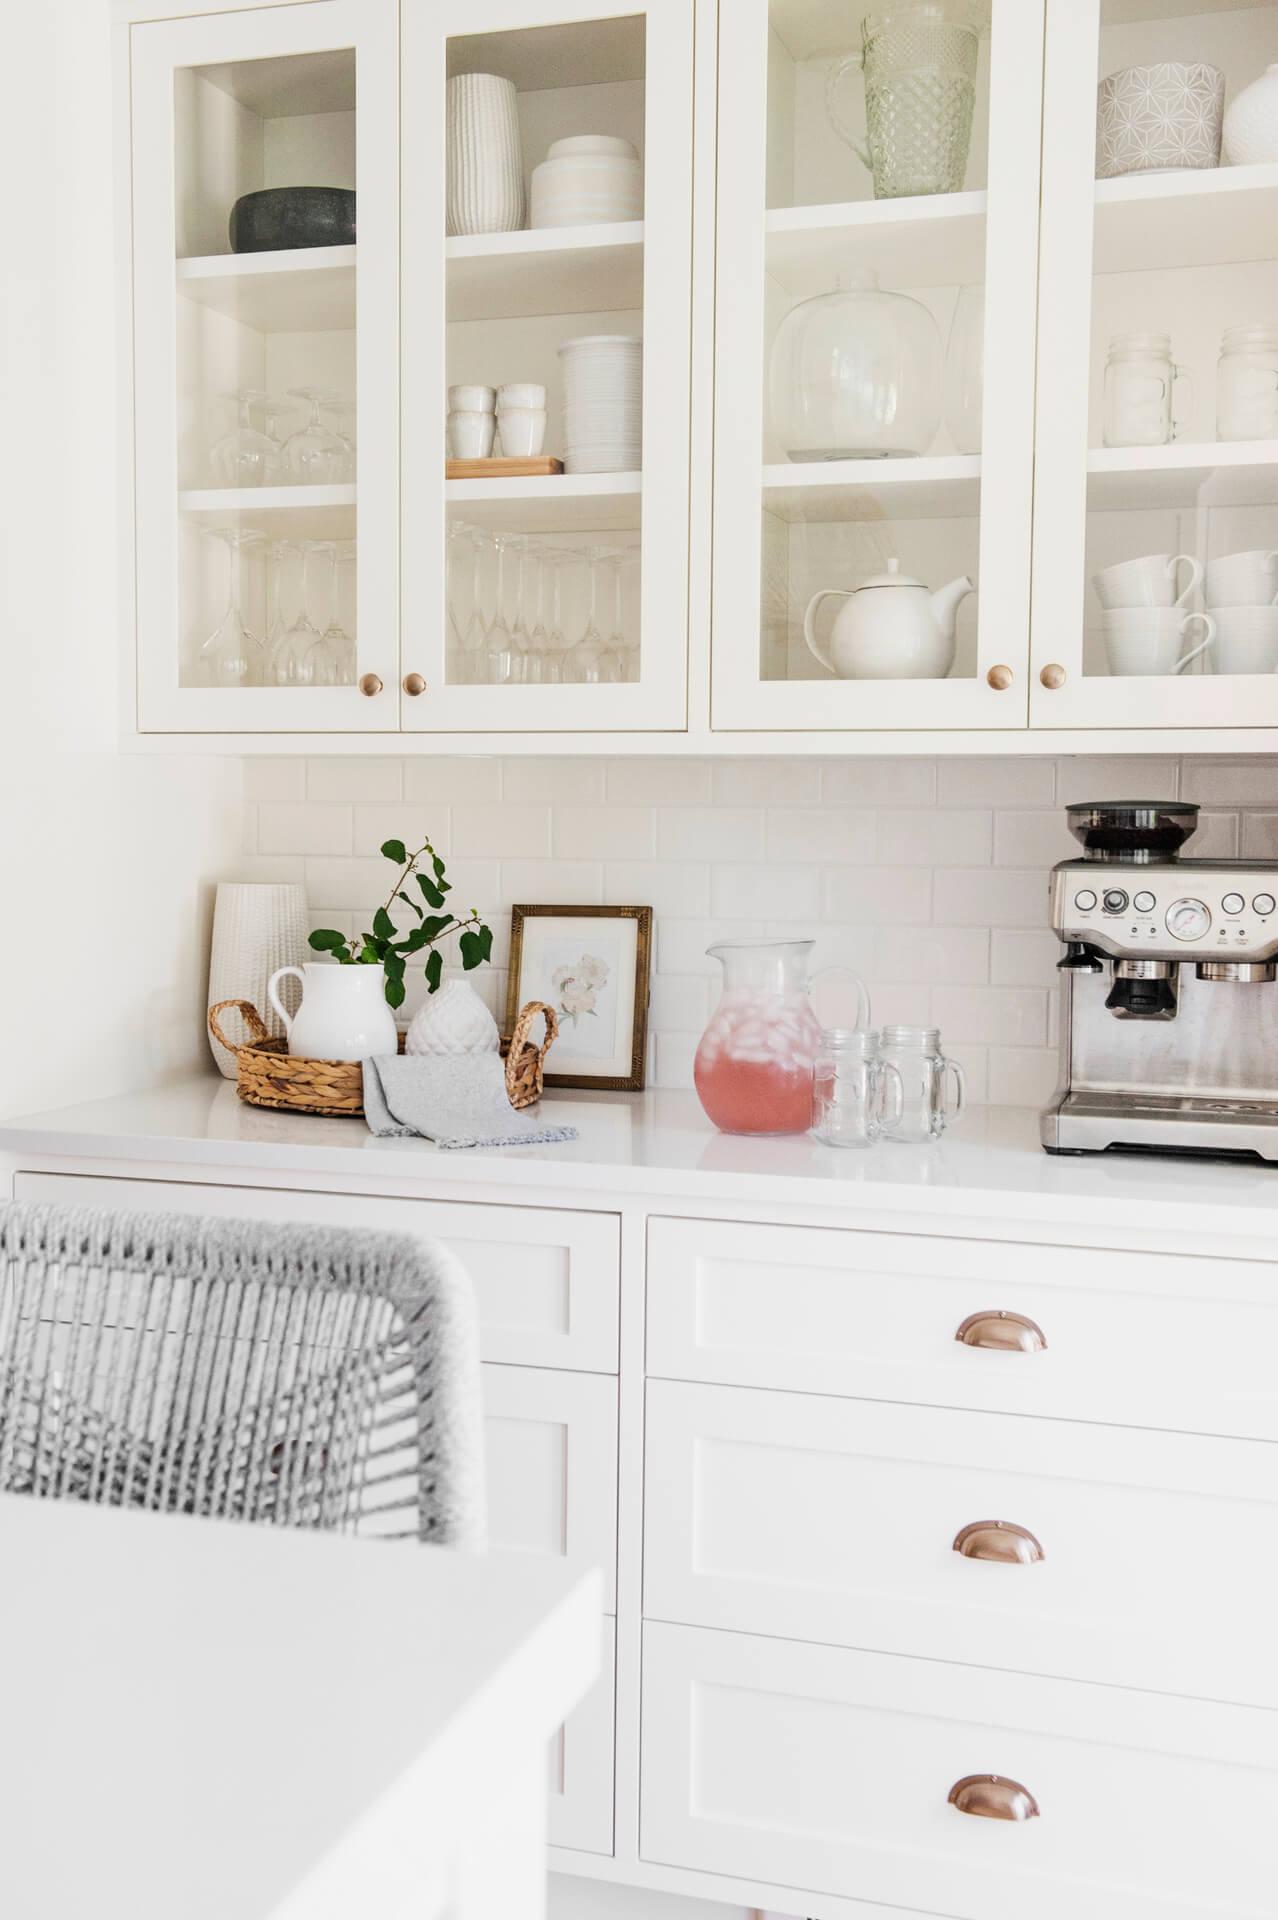 Frobisher AKB Design cuisine blanche farmhouse classique tablette bois luminaire osier ilot quarz 8